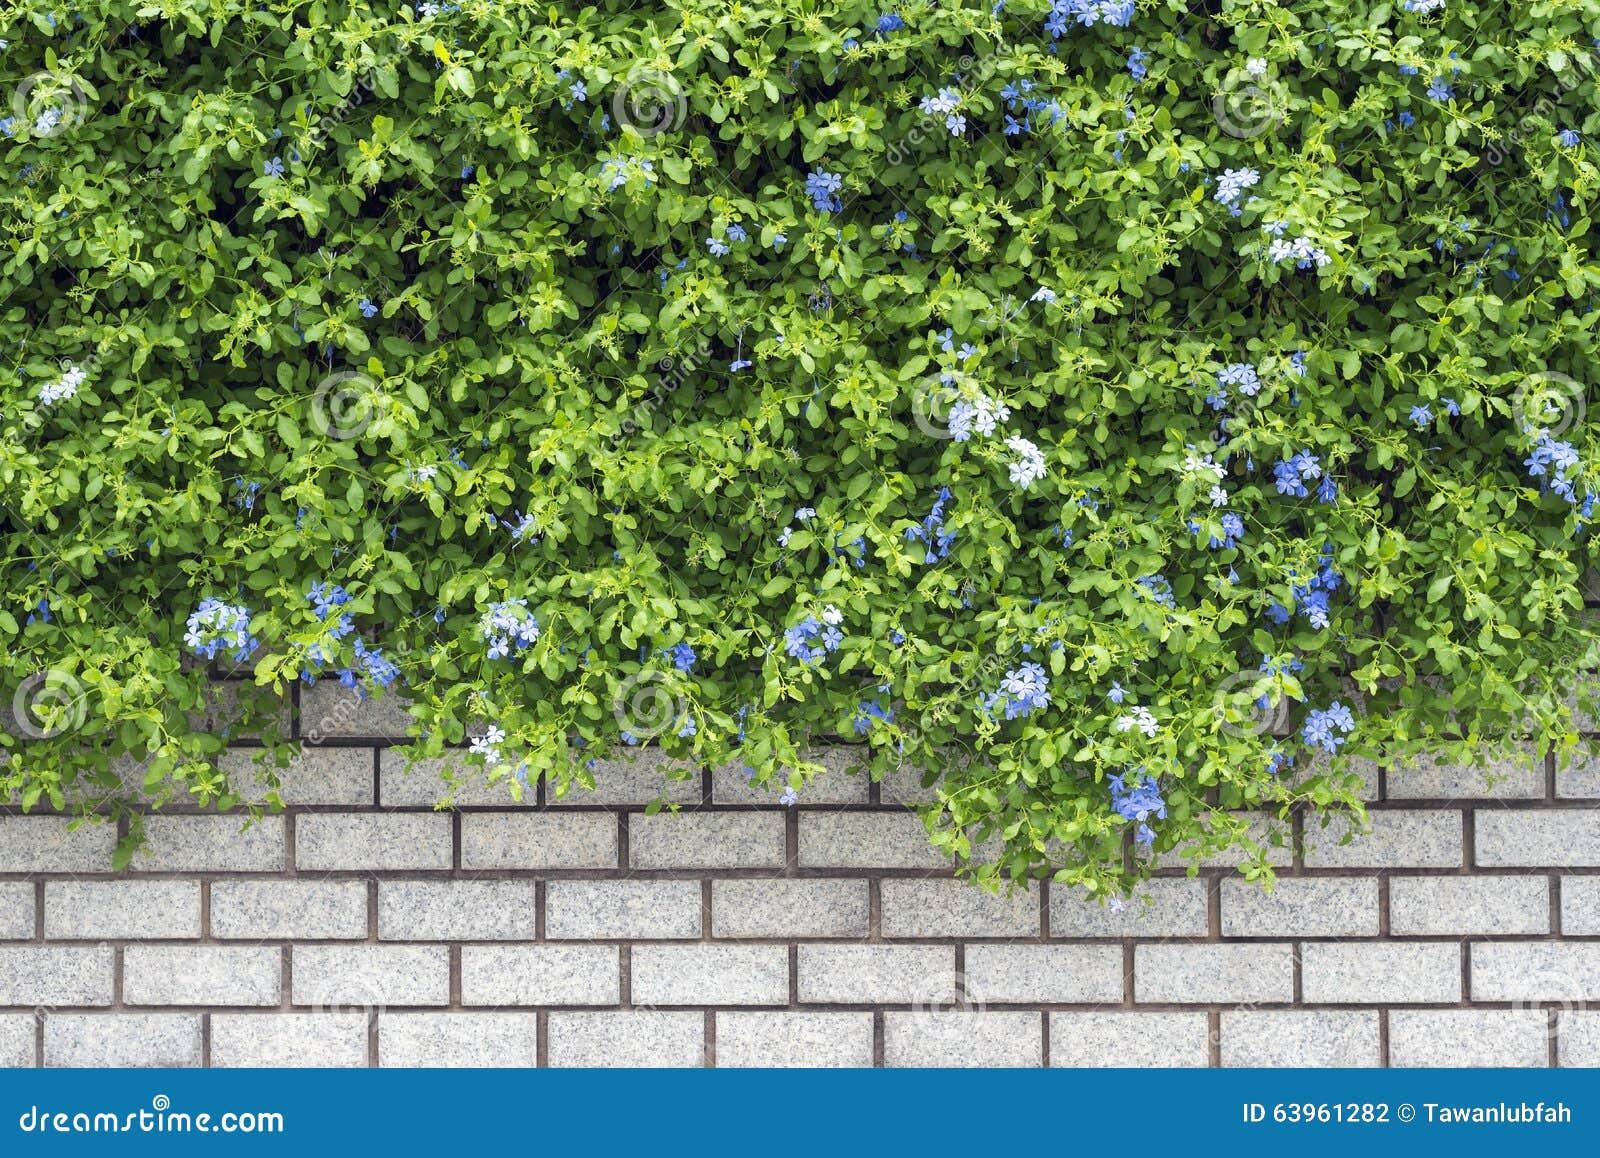 Mattoni Per Recinzione Giardino.Giardino Verde Decorativo Su Un Muro Di Mattoni Fotografia